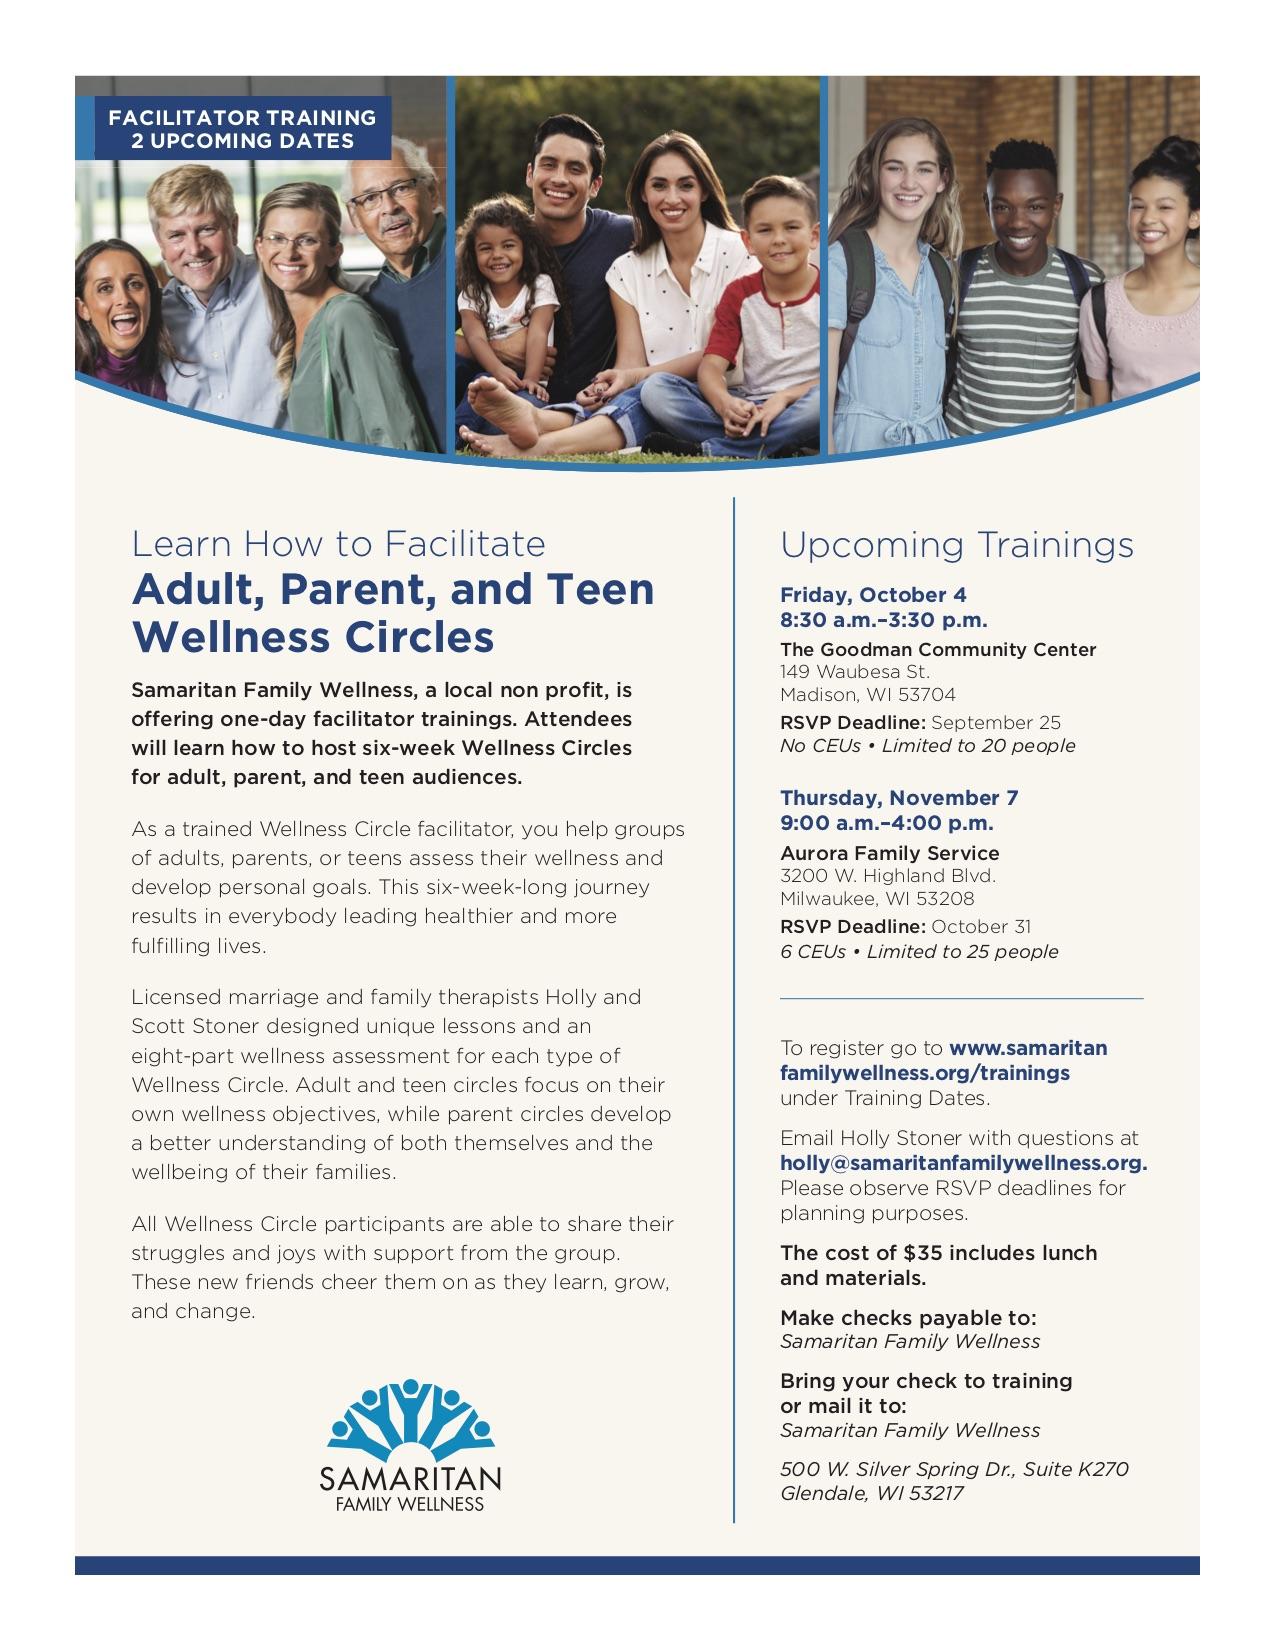 Parent Teen Training Flyer Oct-Nov 19.jpg